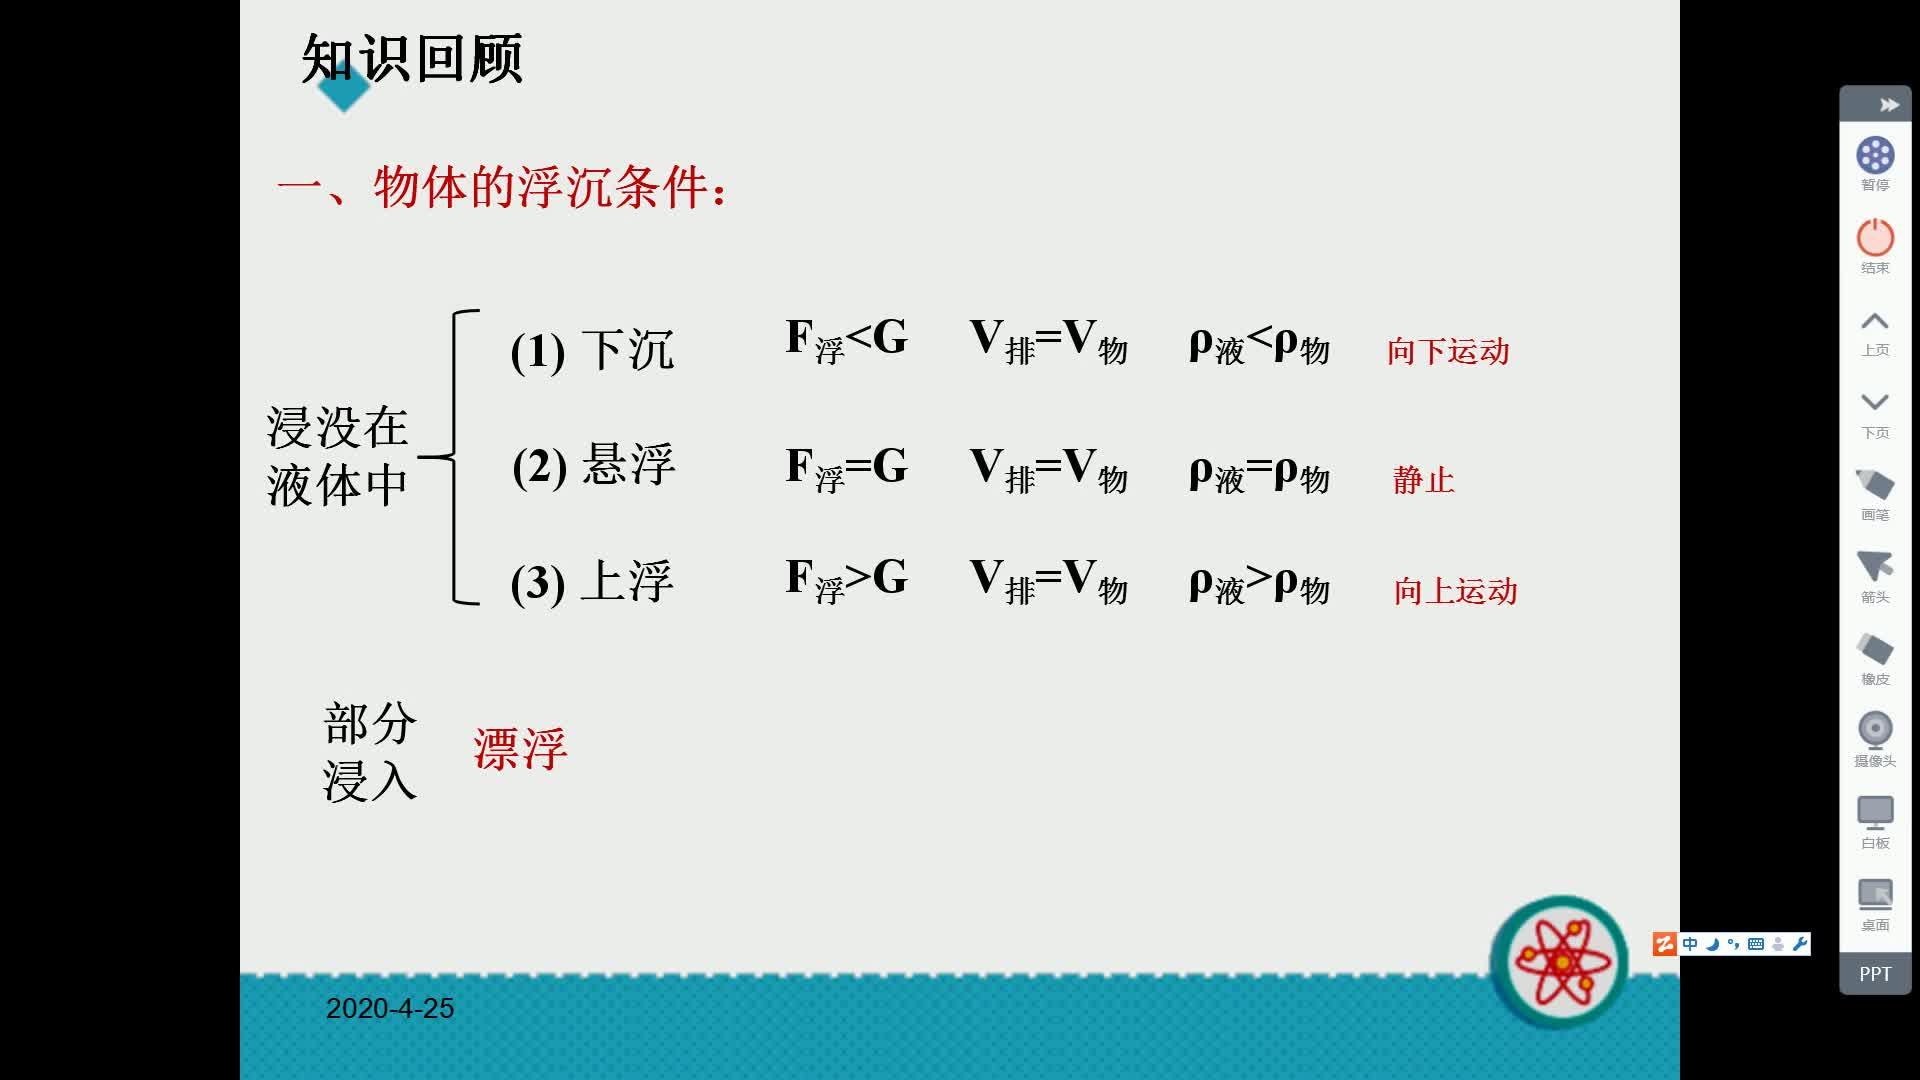 教科版八年级物理10.4  沉与浮复习课微课堂  视频MP4教科版八年级物理10.4  沉与浮复习课微课堂  视频MP4教科版八年级物理10.4  沉与浮复习课微课堂  视频MP4教科版八年级物理10.4  沉与浮复习课微课堂  视频MP4